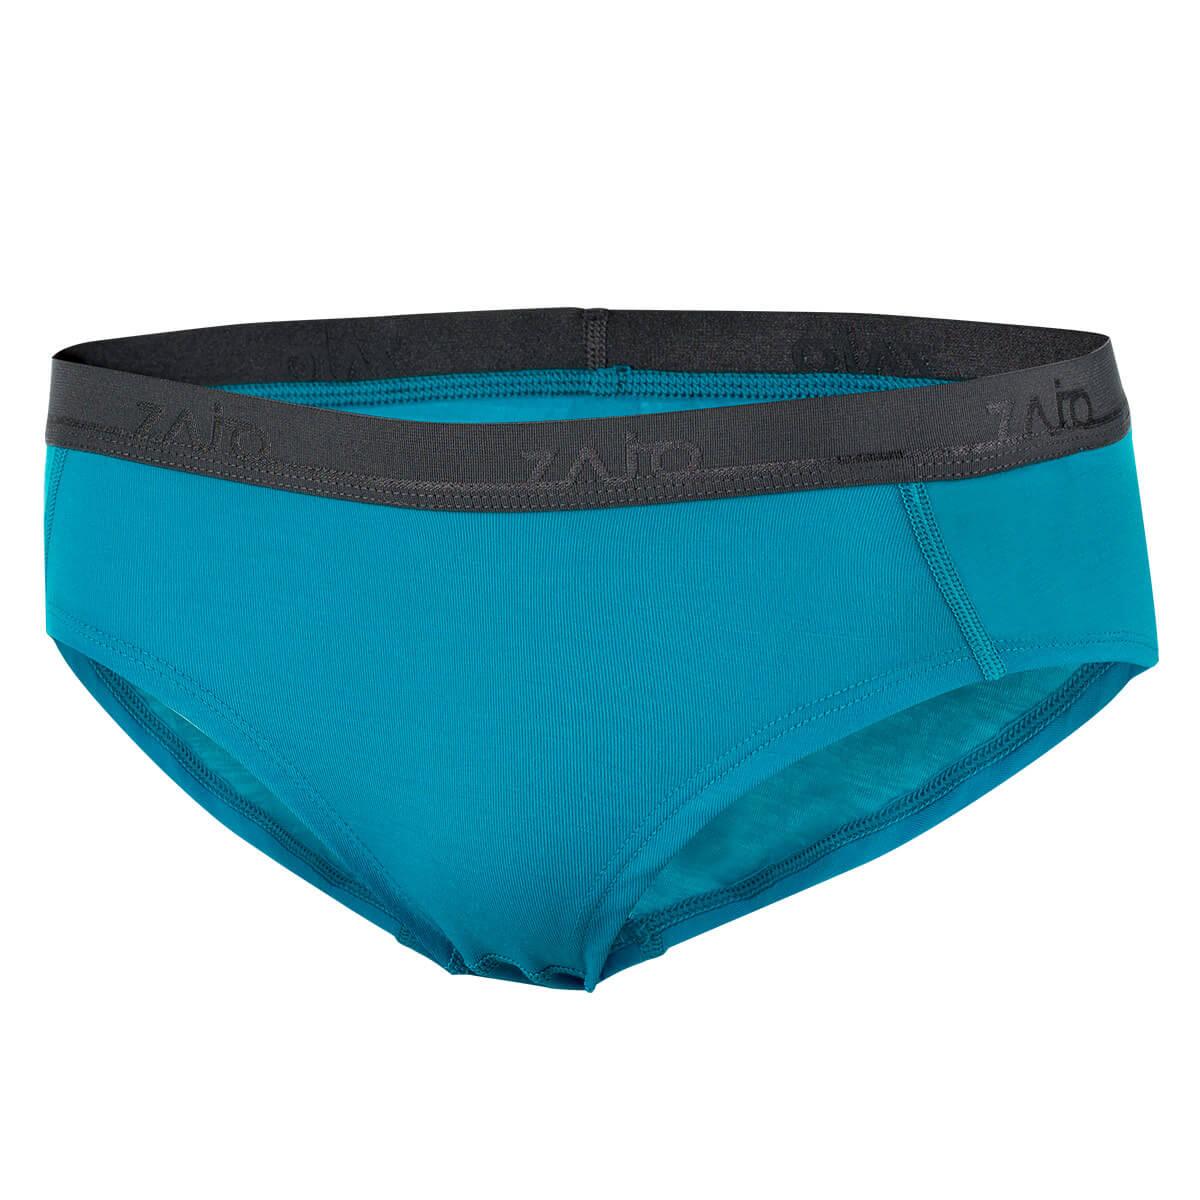 Dámske spodné prádlo Zajo Elsa Merino Nylon W Briefs Curacao - veľkosť S